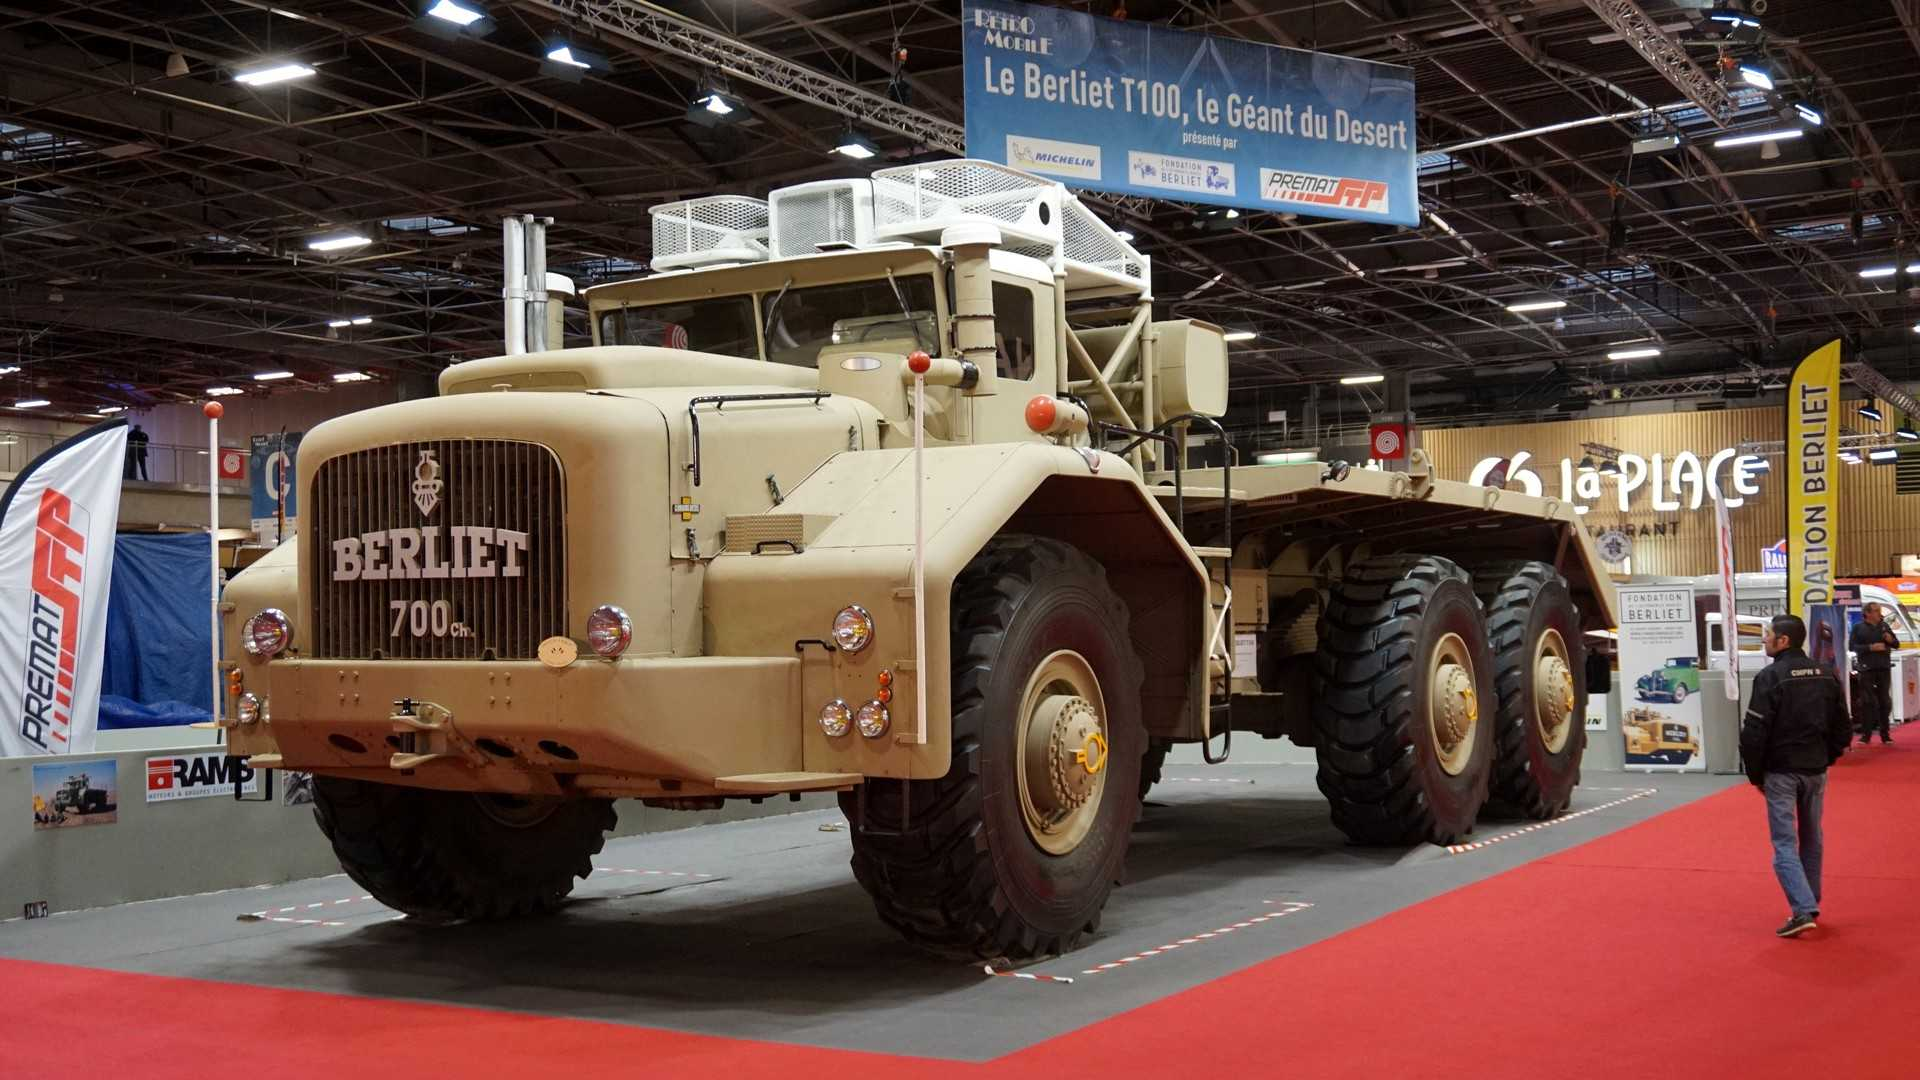 Речь идет о Berliet T100 – самом большом тягаче 50-х гг.